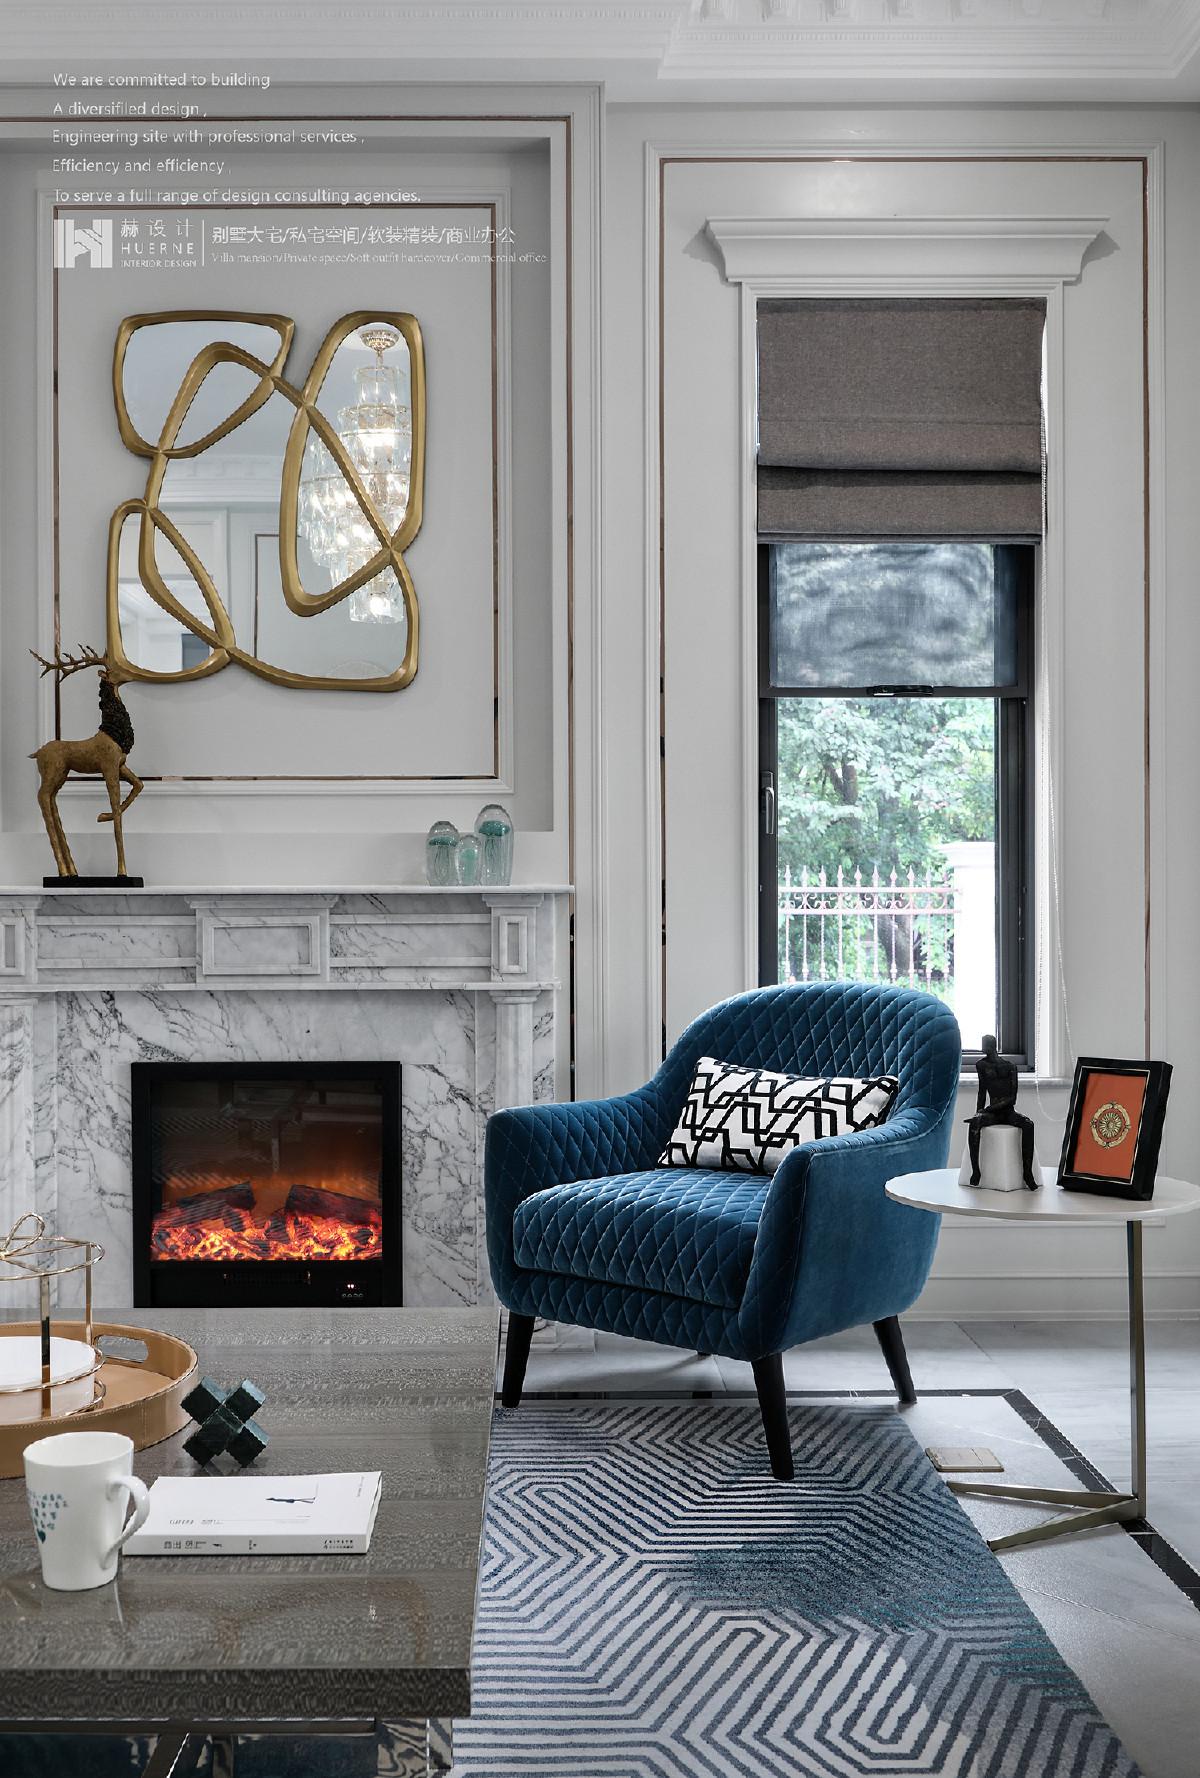 色彩踏着欢快的节拍,挣脱了束缚,变换着姿态,洒落在抱枕、地毯、沙发、窗帘……为空间注入新鲜活力,使其清幽而具有创造力,兼顾三代同堂的居住体验。